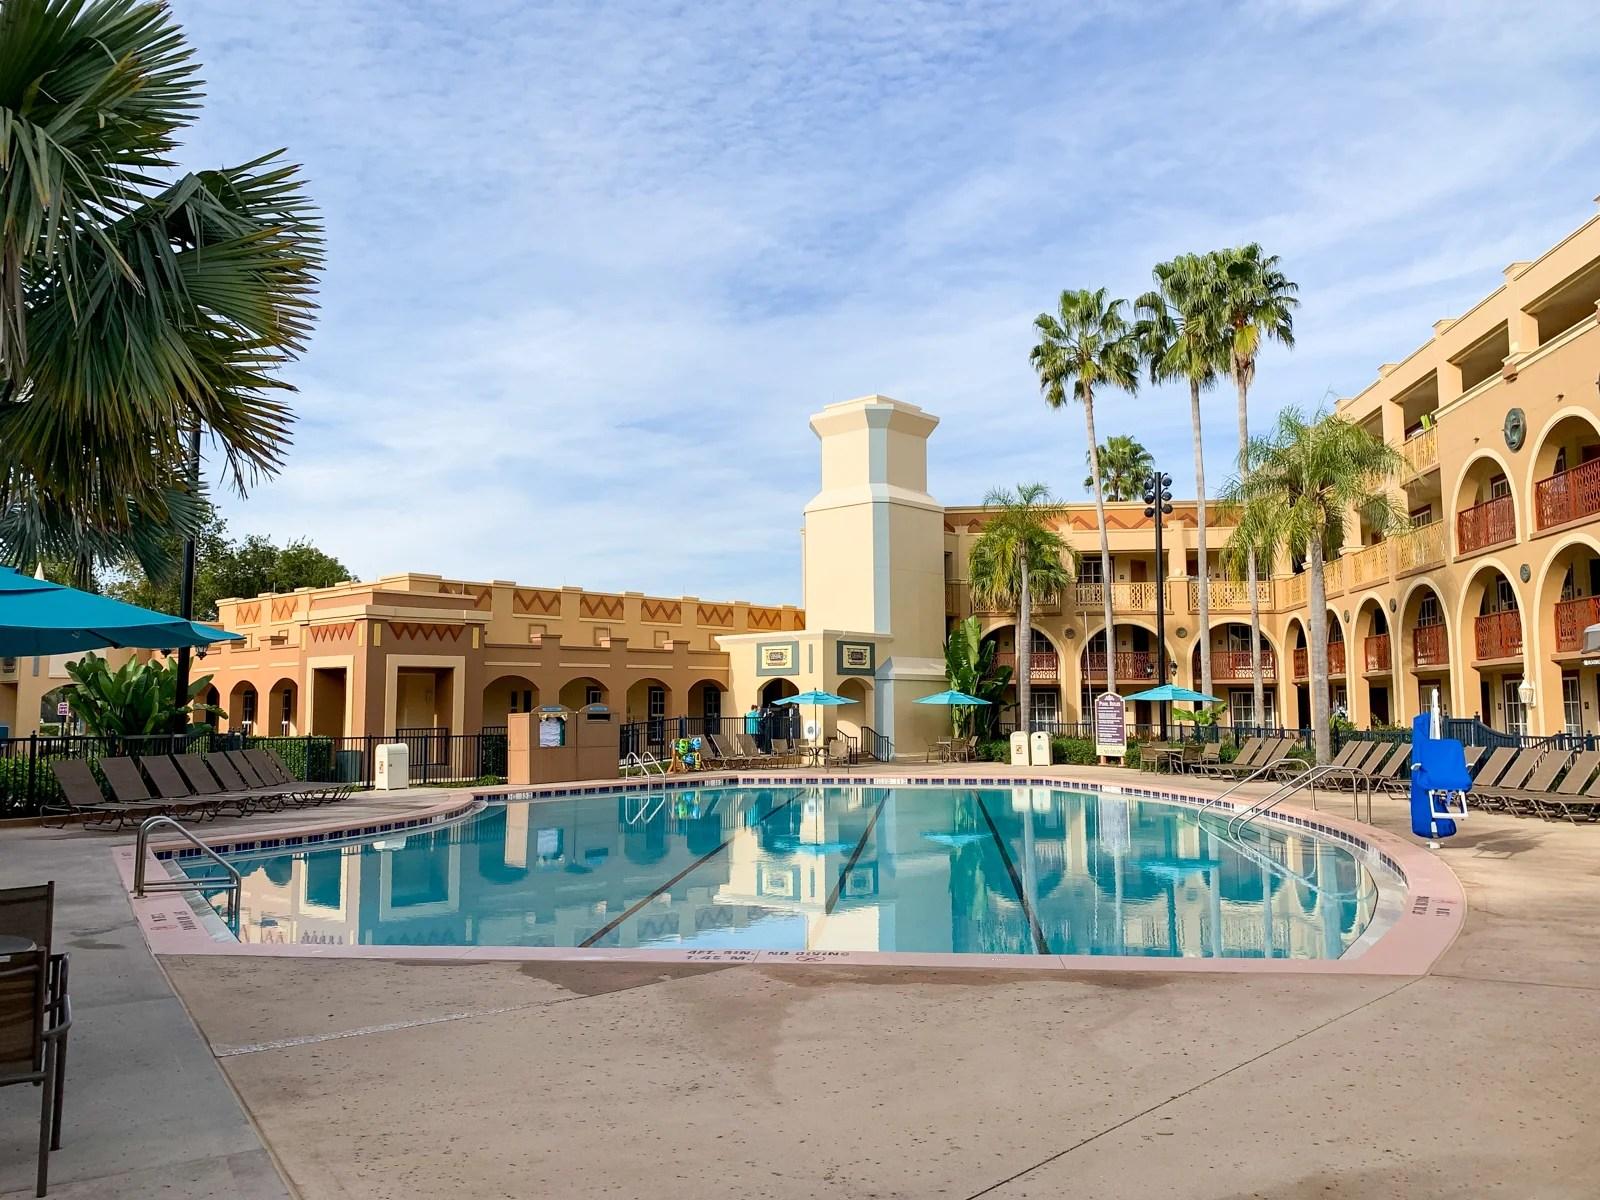 Review: Disney's Coronado Springs Resort